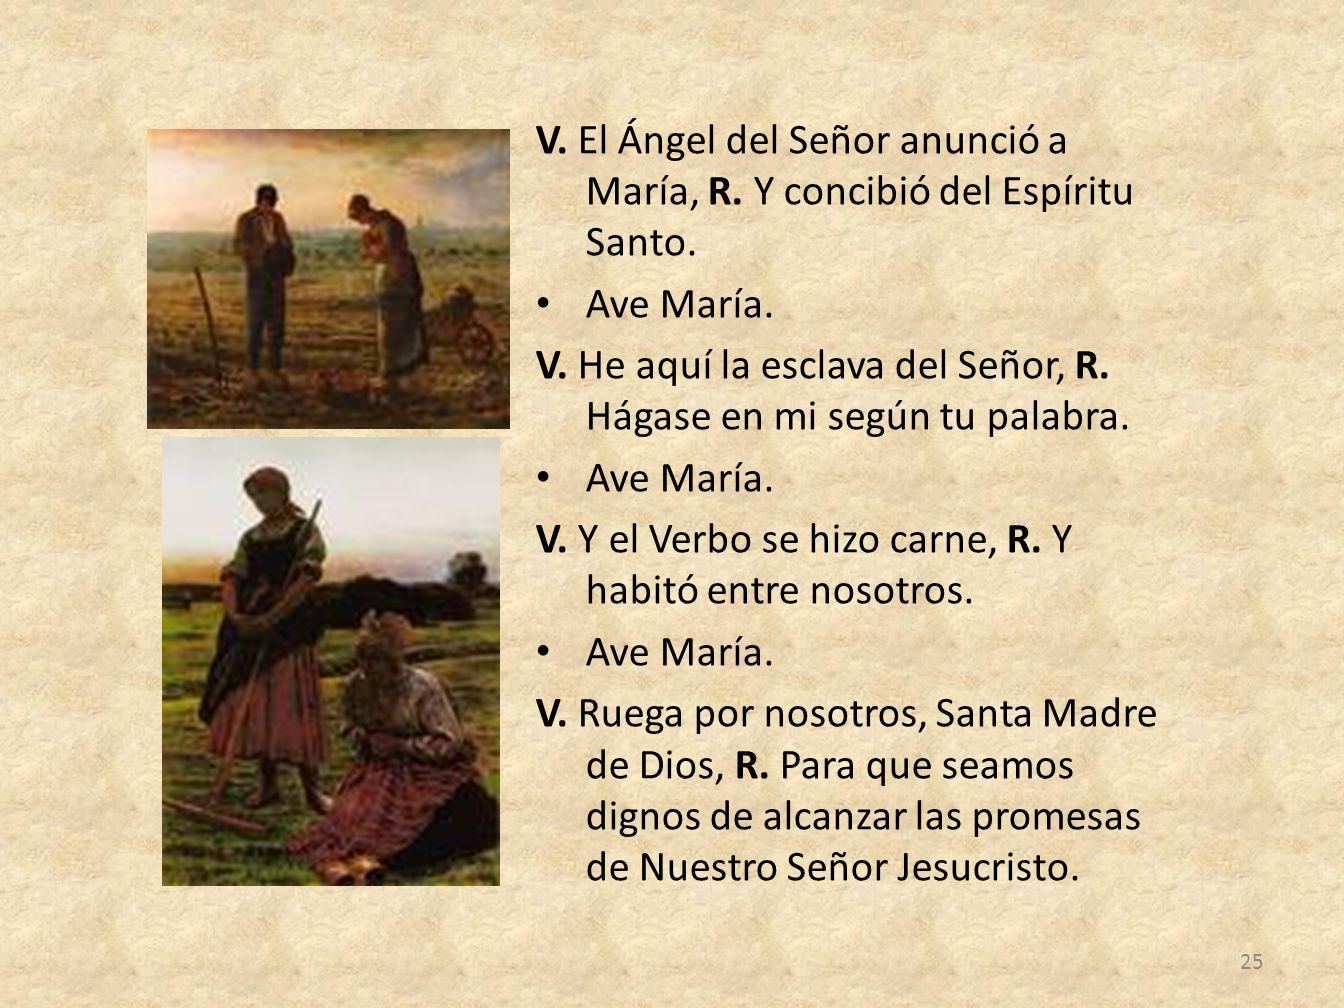 V. El Ángel del Señor anunció a María, R. Y concibió del Espíritu Santo.